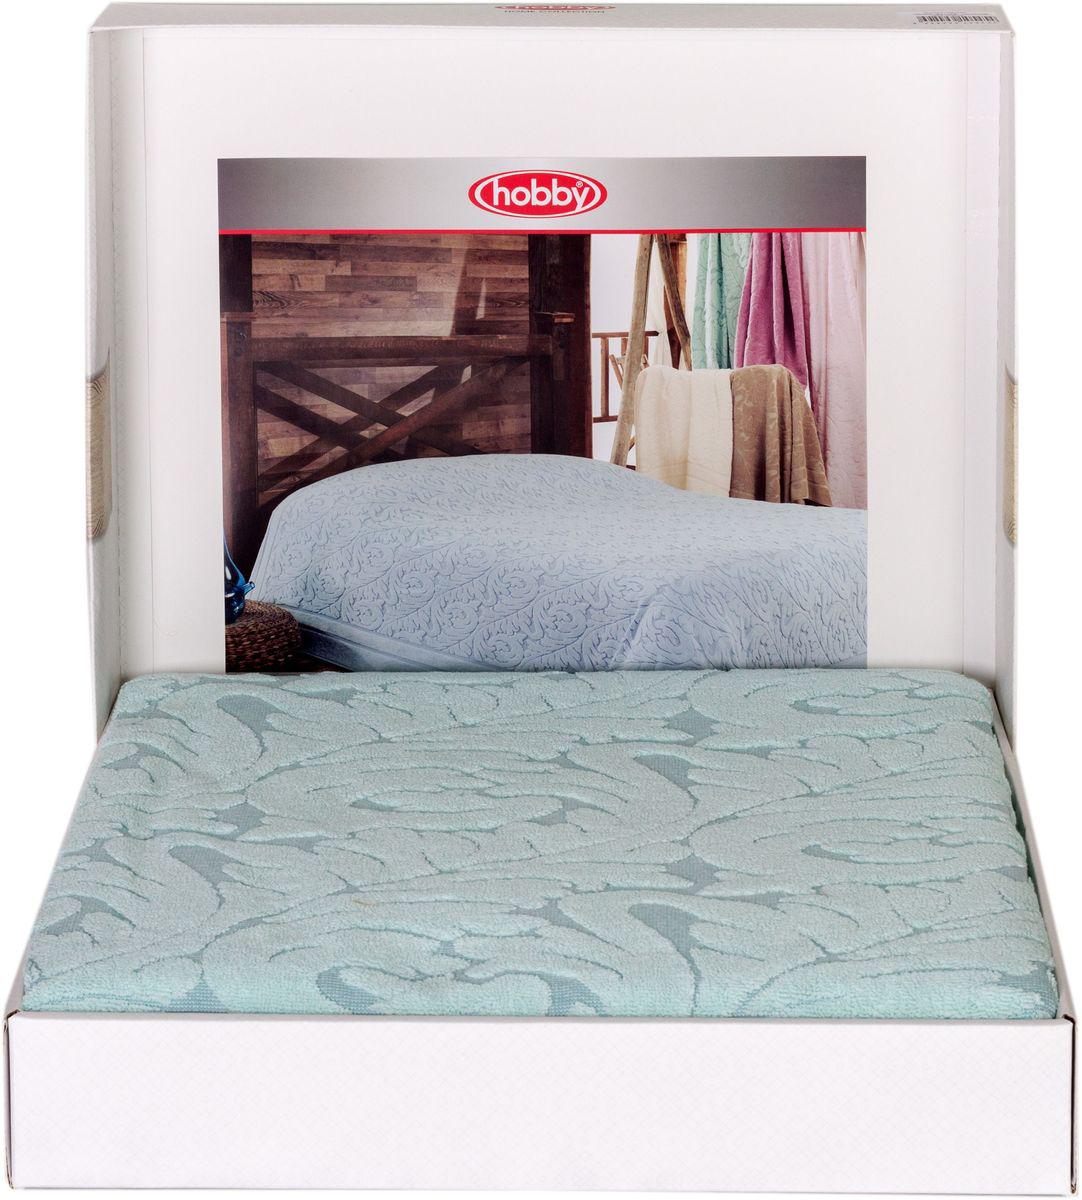 Покрывало Hobby Home Collection Sultan, цвет: ментоловый, 200 х 220 см72138Шикарное покрывало Hobby Home Collection Sultan изготовлено из 100% хлопка высшей категории. Оно обладает замечательными дышащими свойствами и будет хорошо смотреться как на диване, так и на большой кровати. Данное покрывало можно также использовать в качестве одеяла.